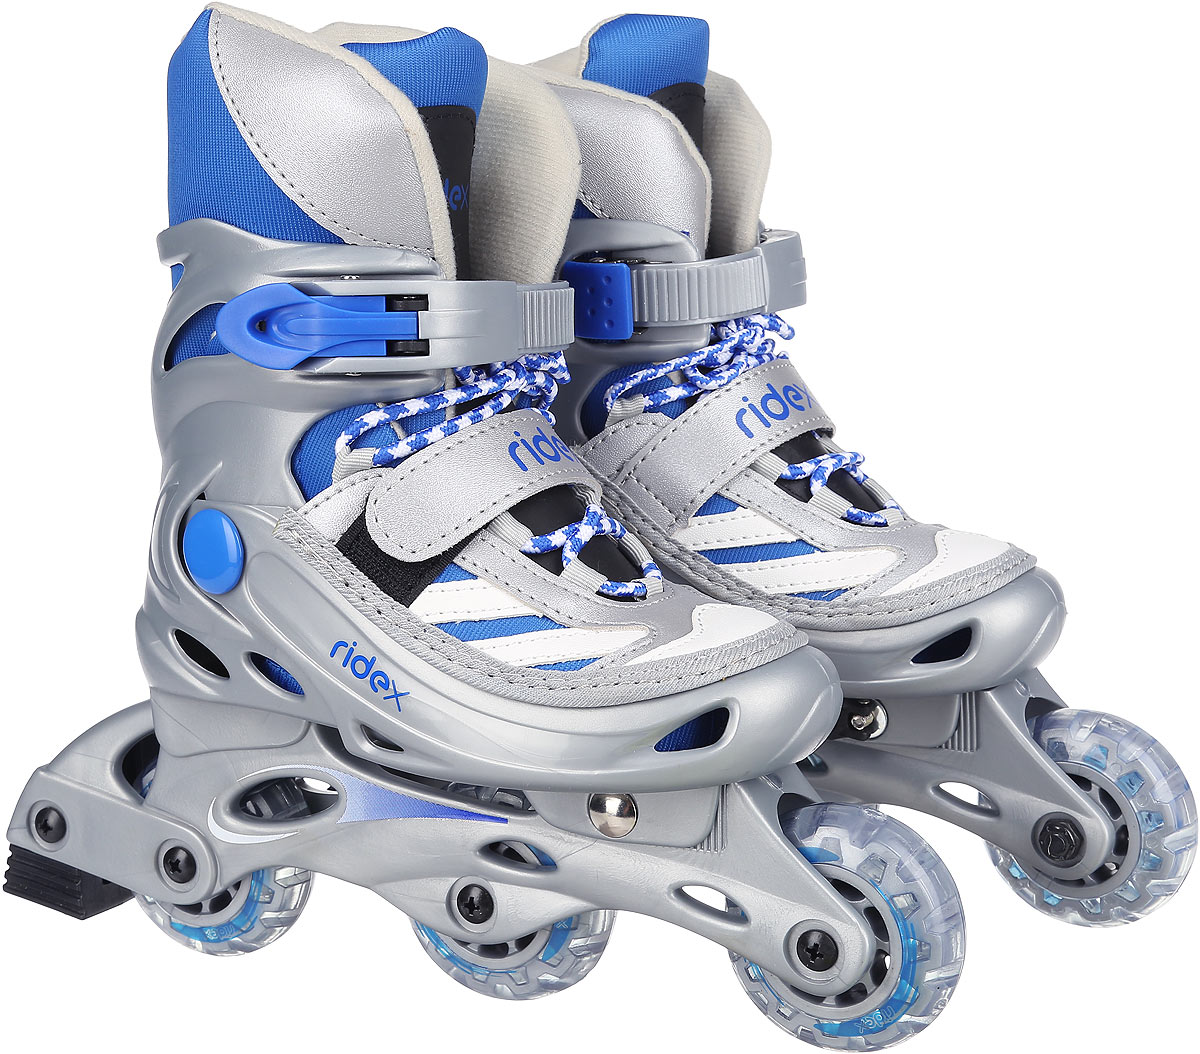 Купить Коньки роликовые Ridex Scout, раздвижные, цвет: серый, голубой, белый. УТ-00008094. Размер 35/38, Ролики